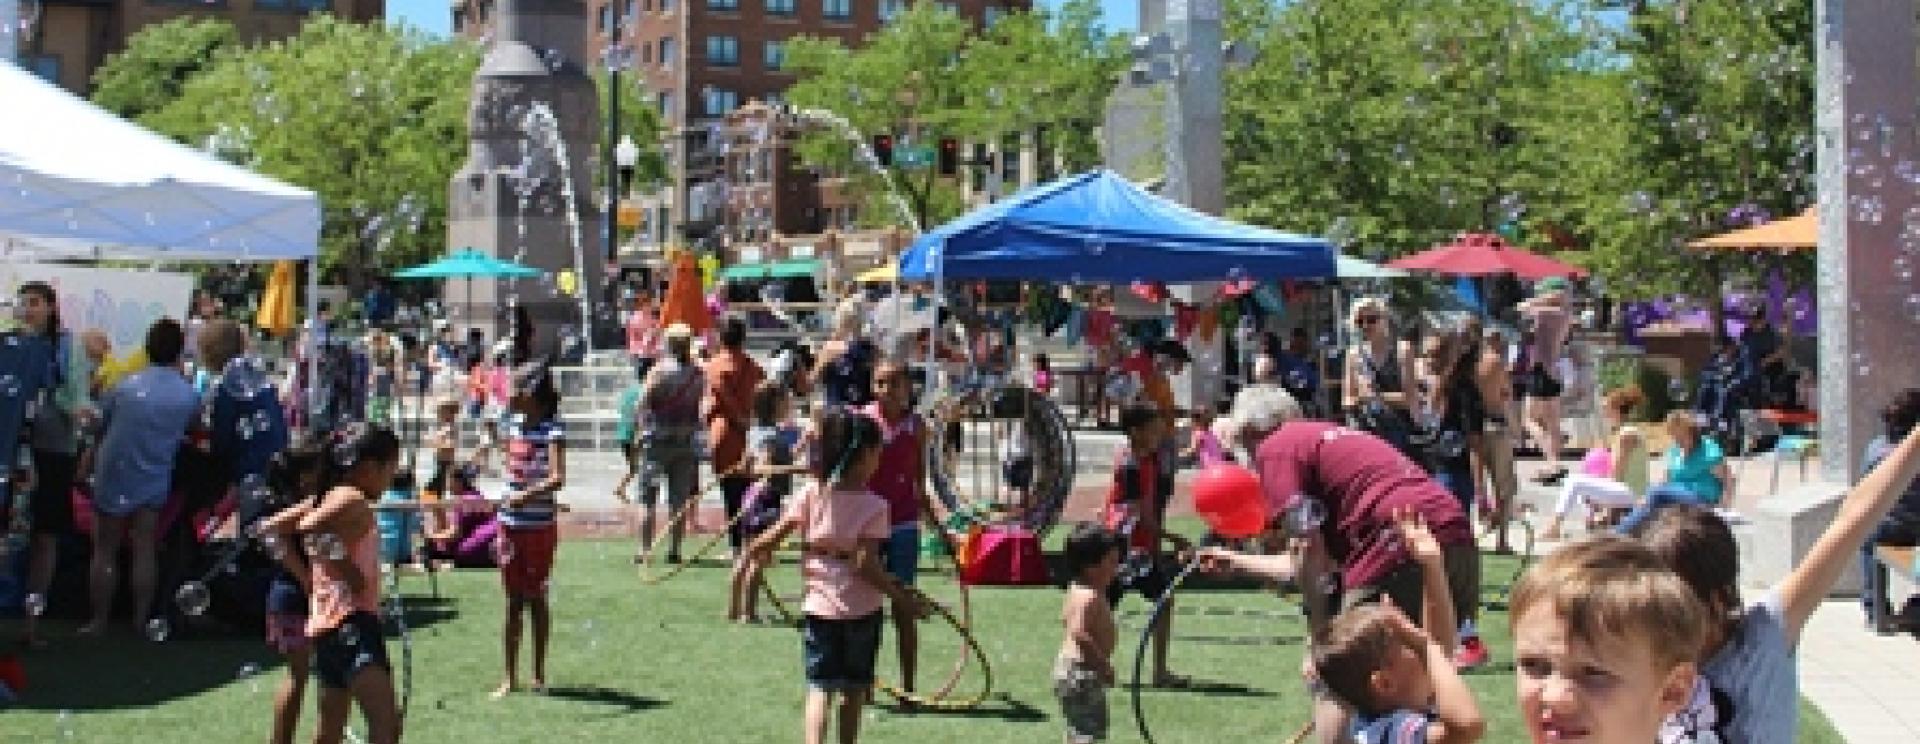 Kids' Carnival